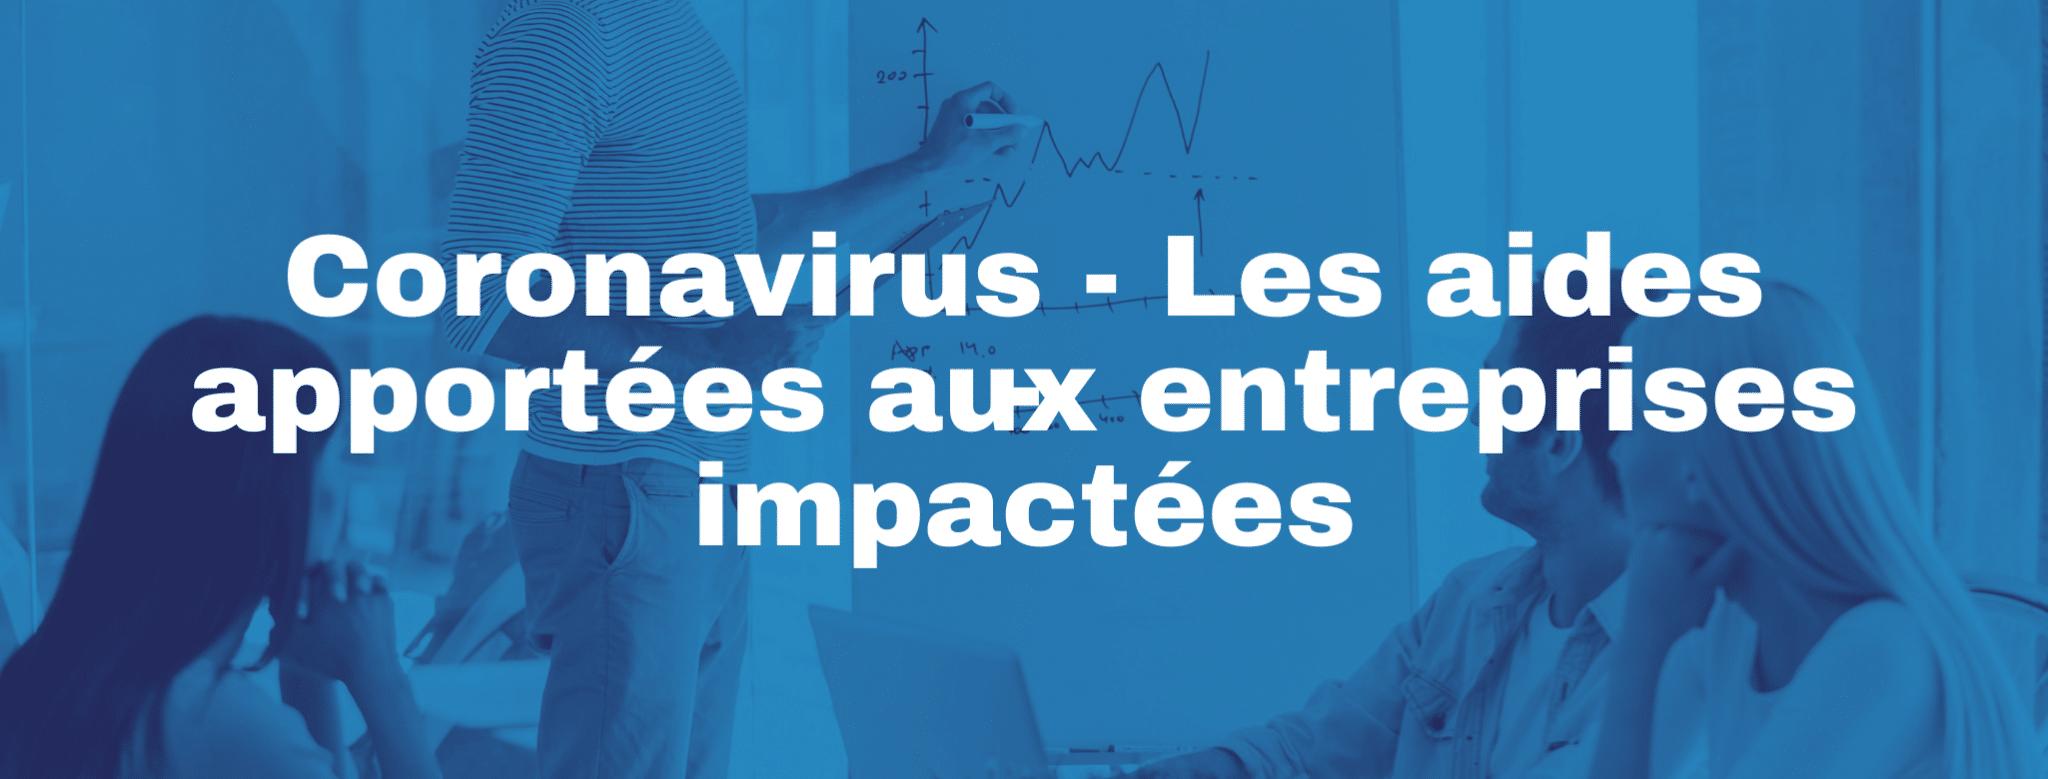 COVID-19 : L'intégralité des aides mises en place pour les entreprises impactées